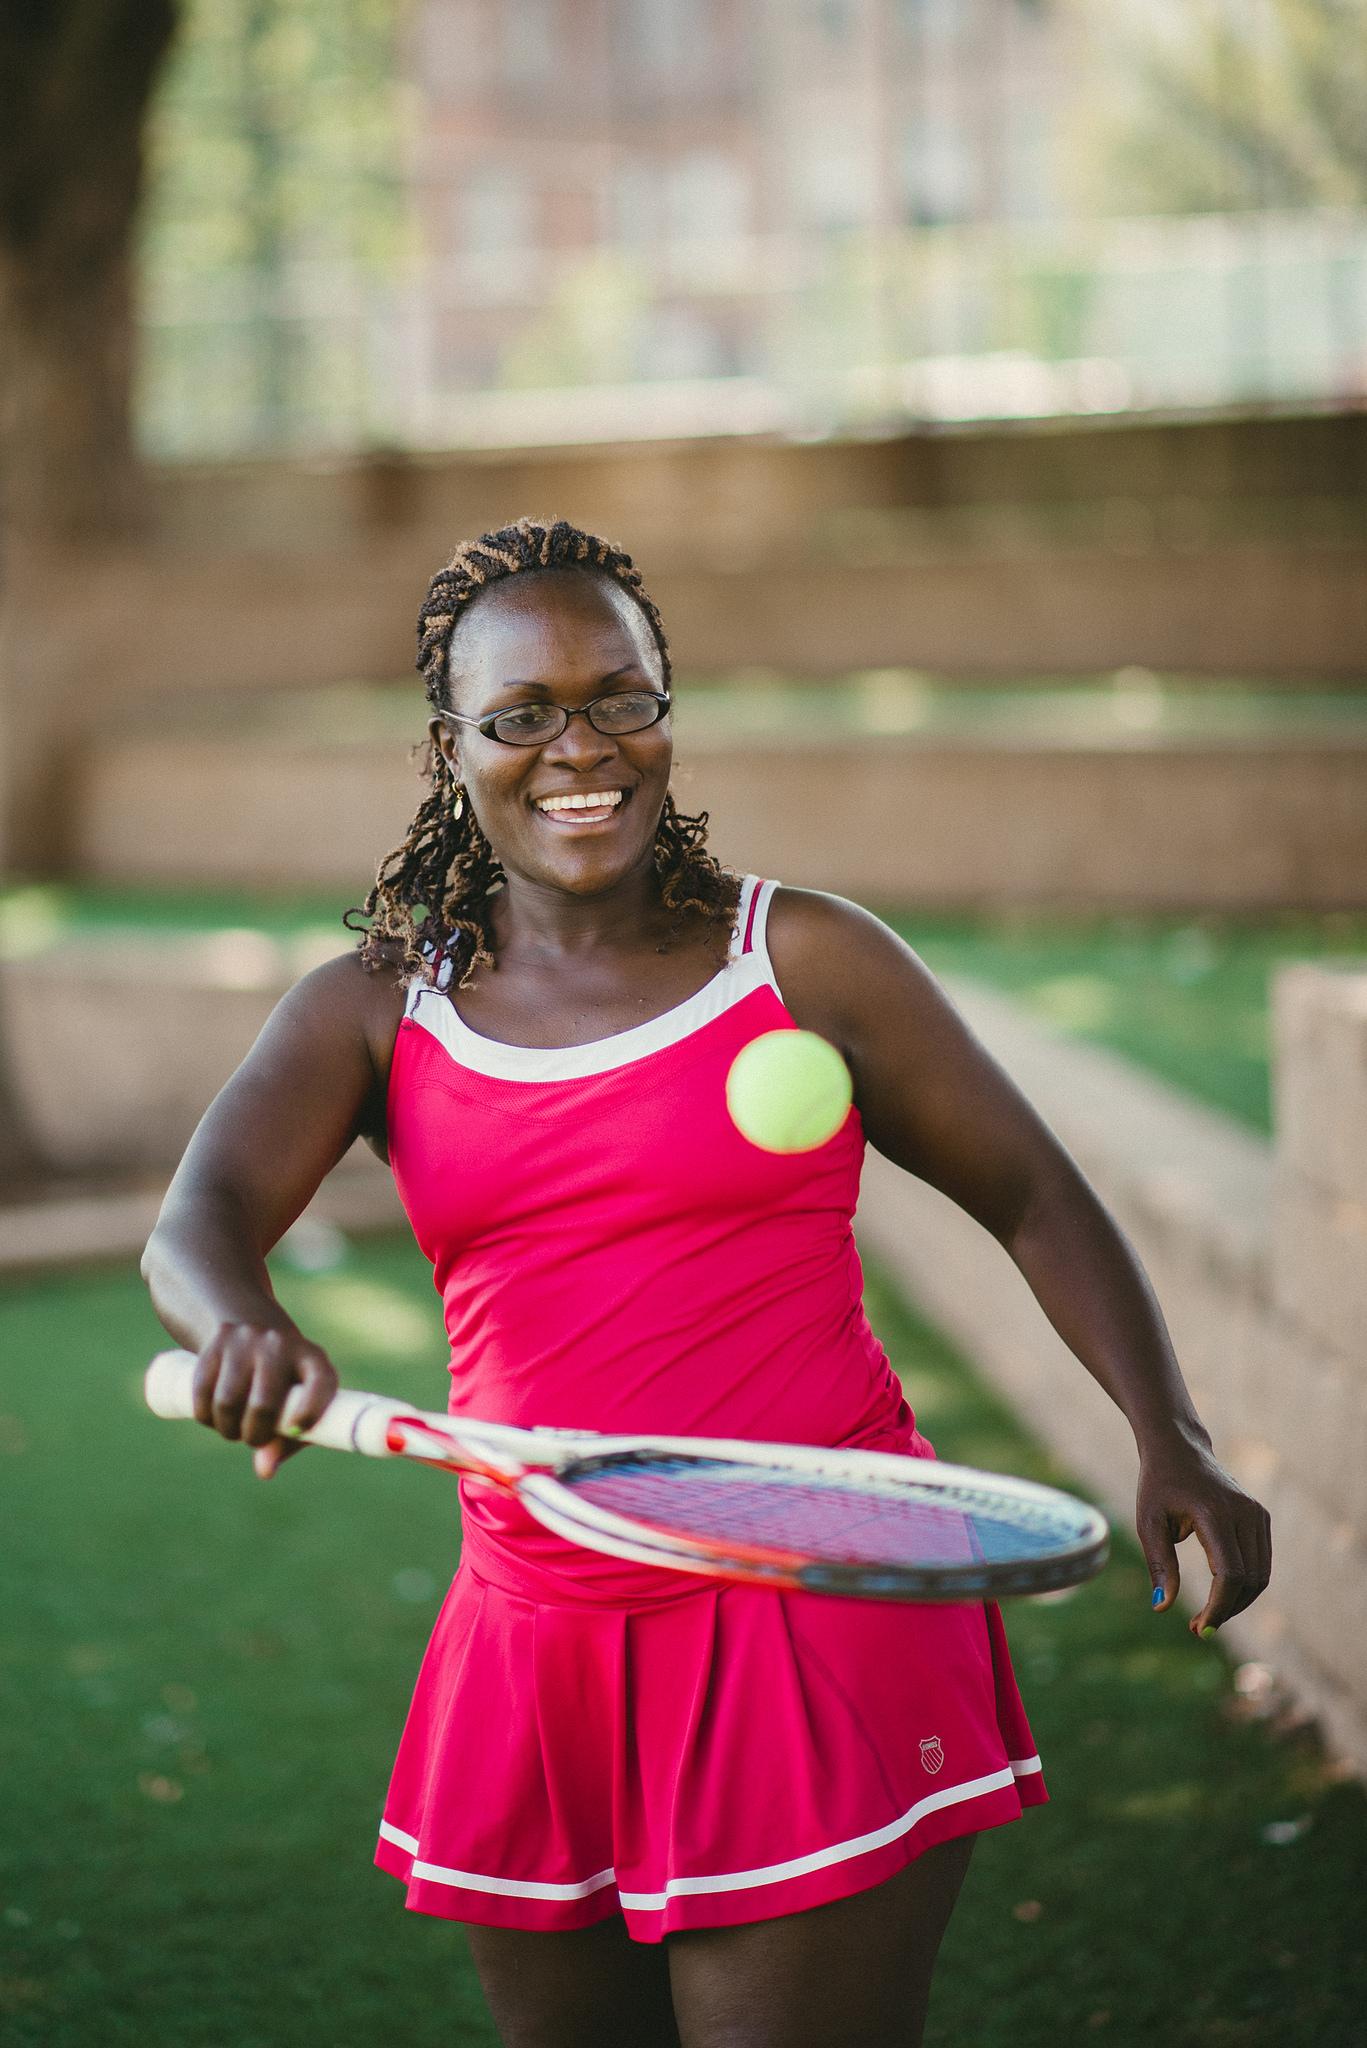 Une femme souriante tenant une raquette et une balle de tennis (Département d'État et Université du Tennessee)